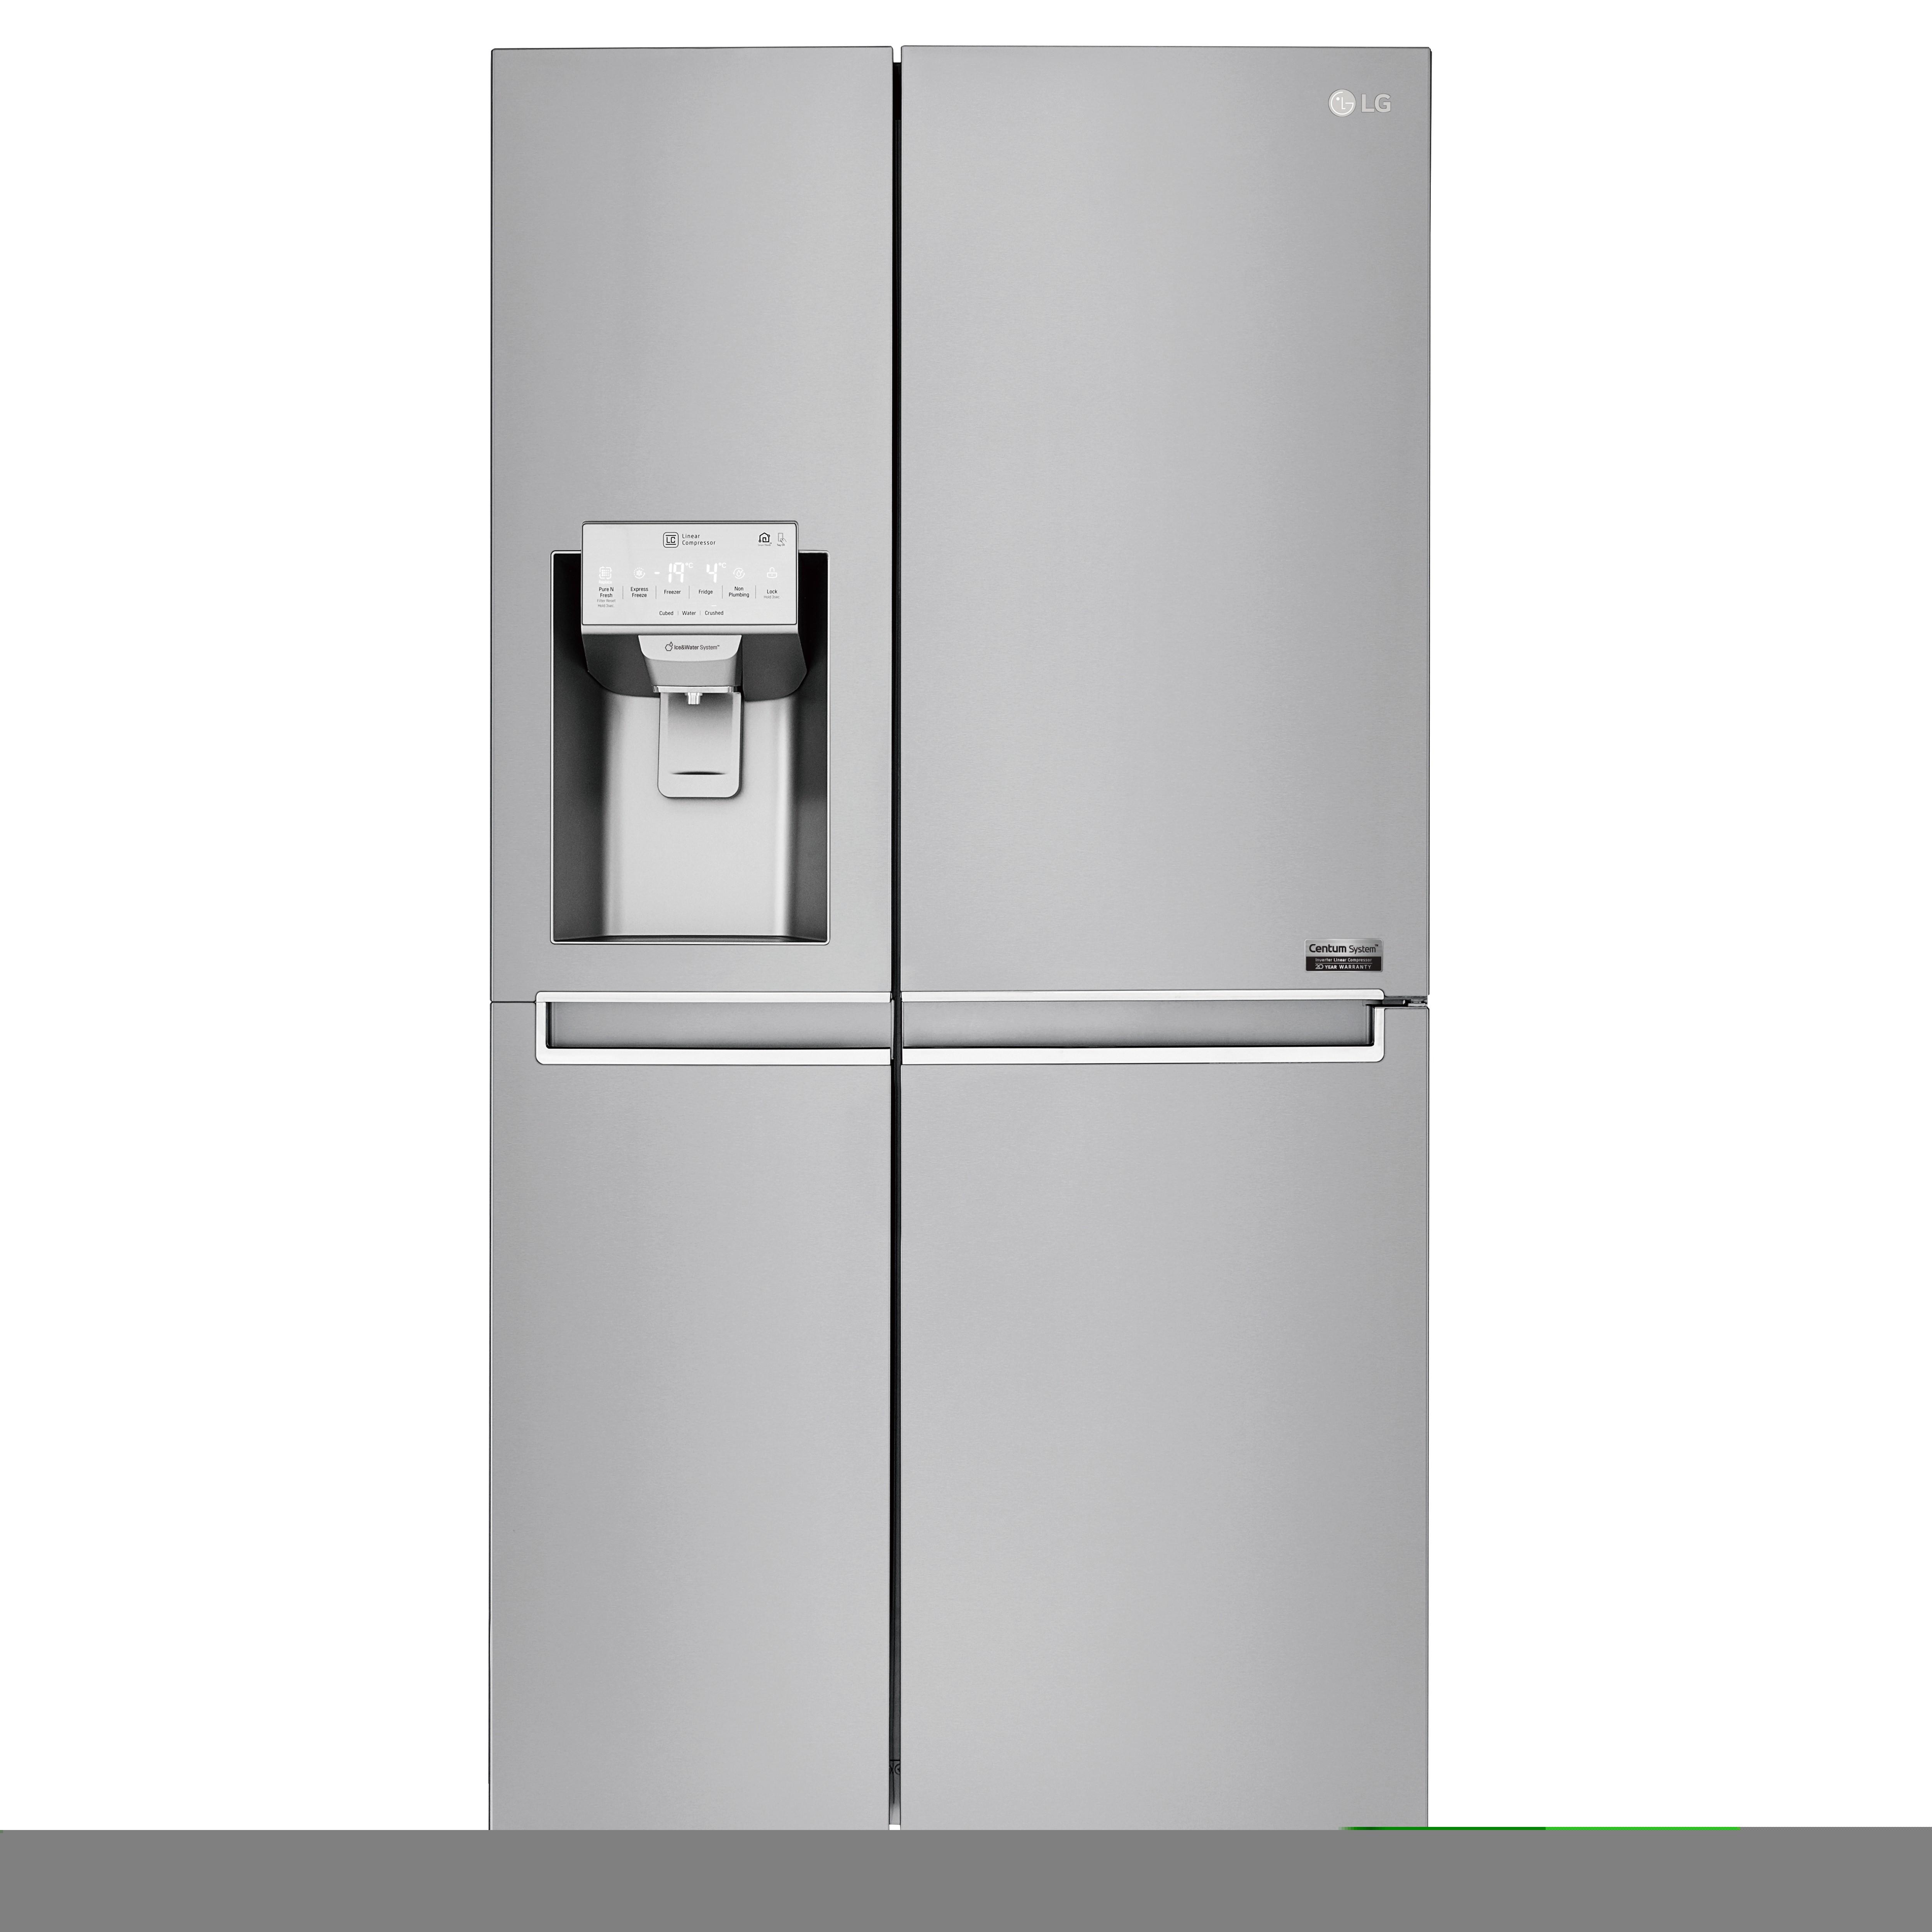 LG Centum System™ refrigerator with Door-in-Door feature